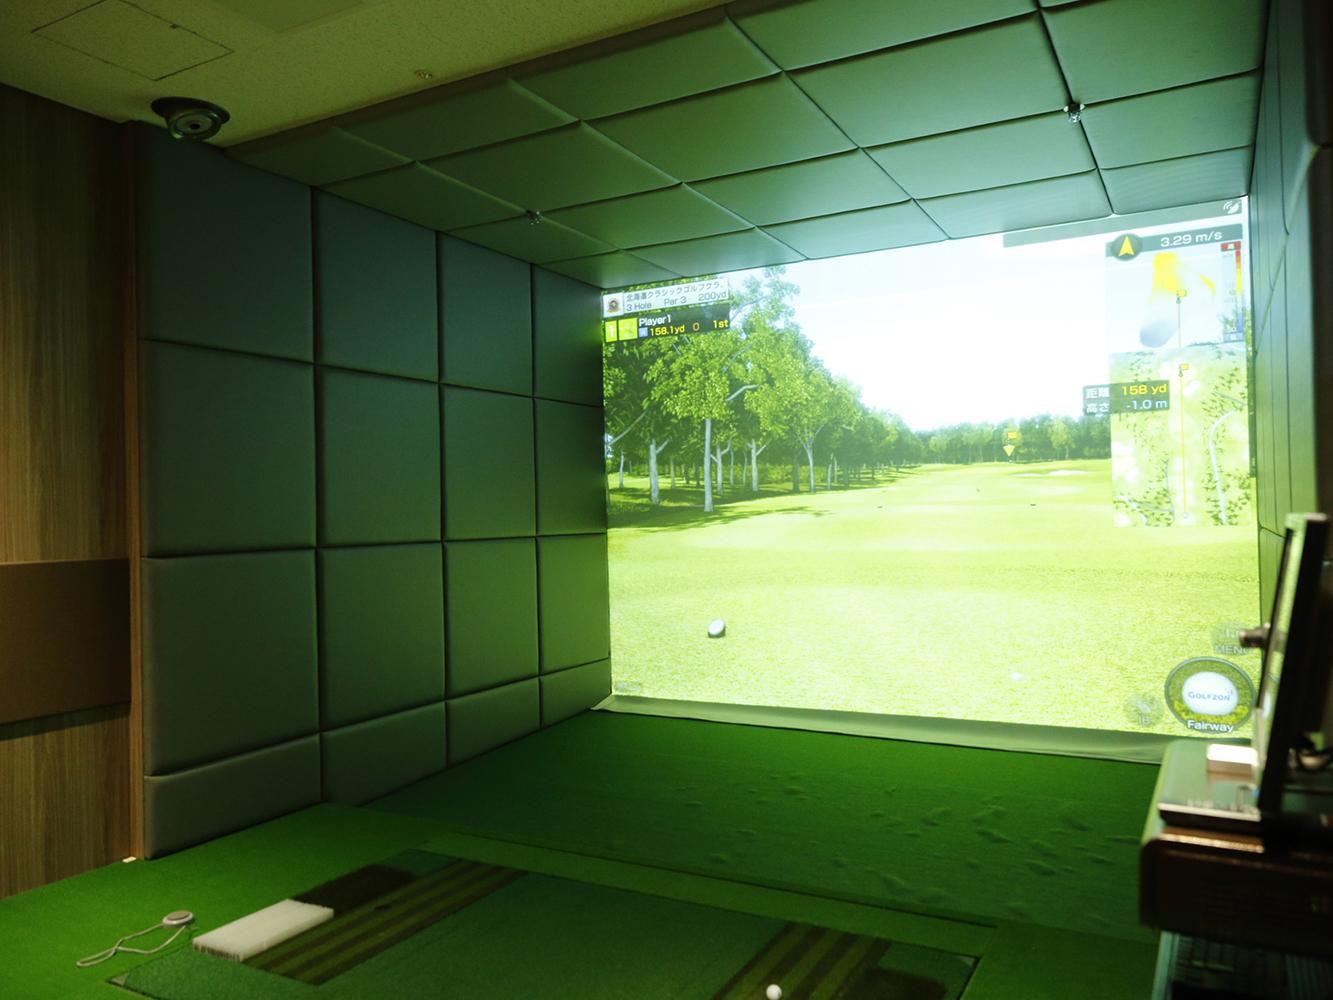 シミュレーションゴルフプラン【ランチタイムプラン】